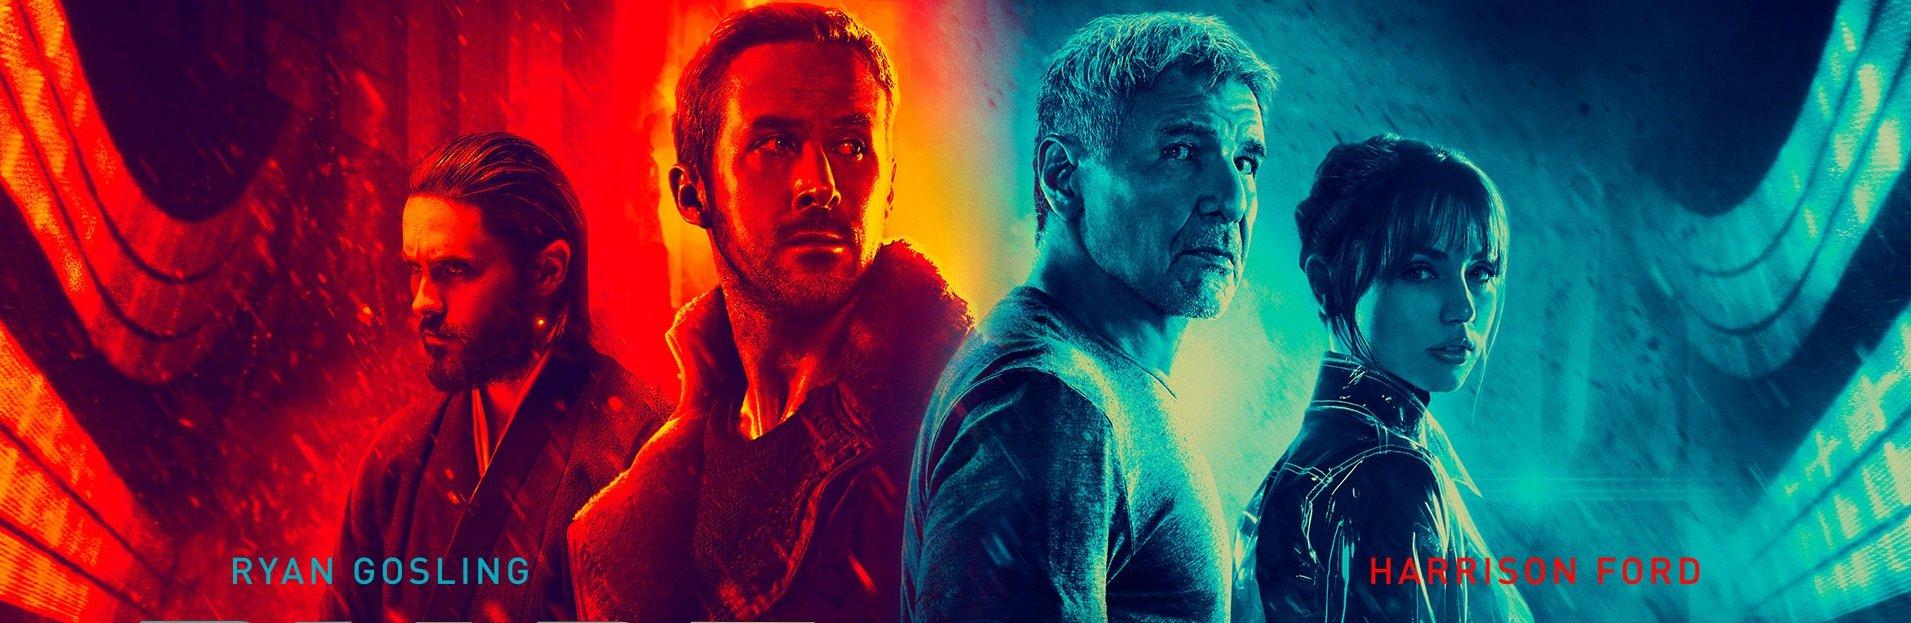 'Blade Runner 2049' filmi (İCMAL)